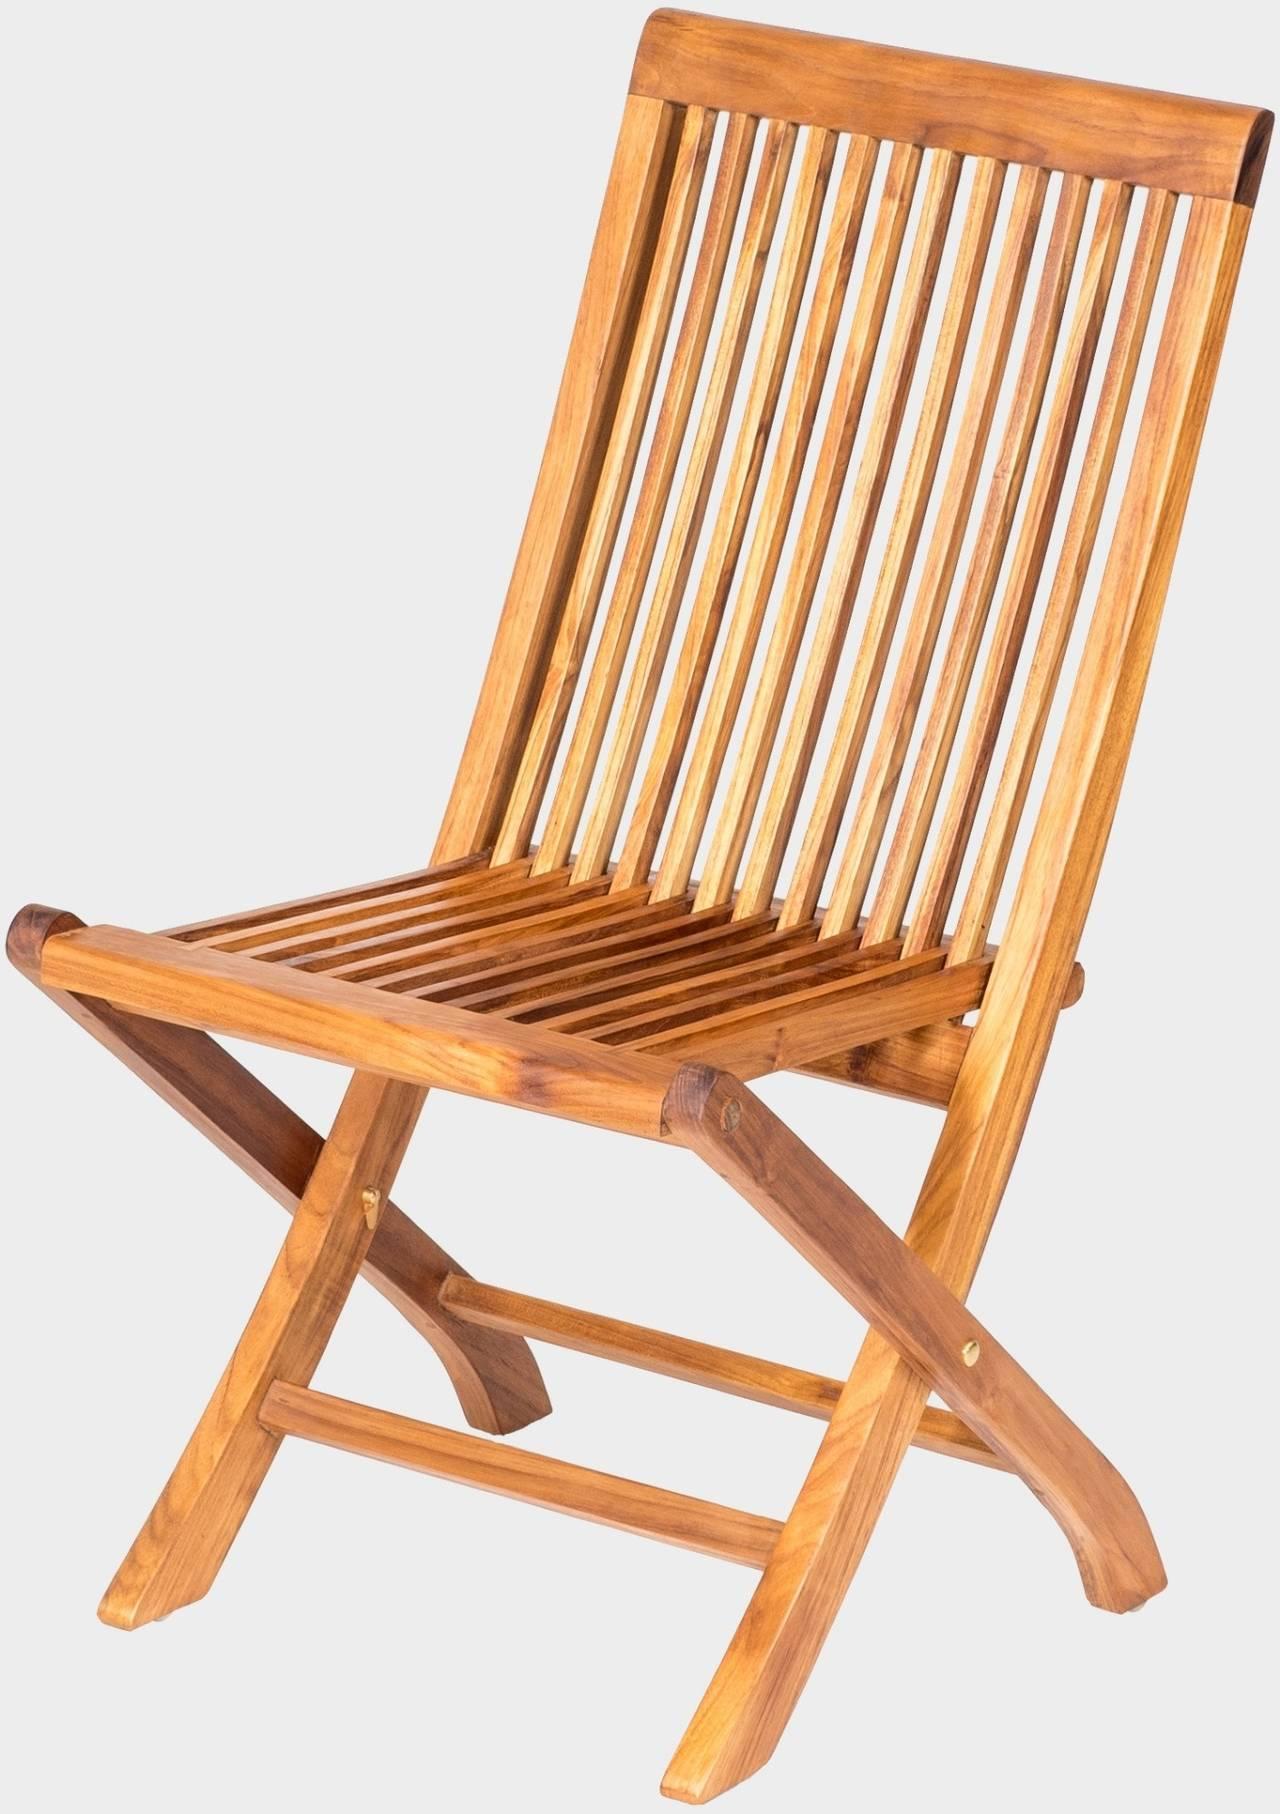 Zahradní skládací židle PINA